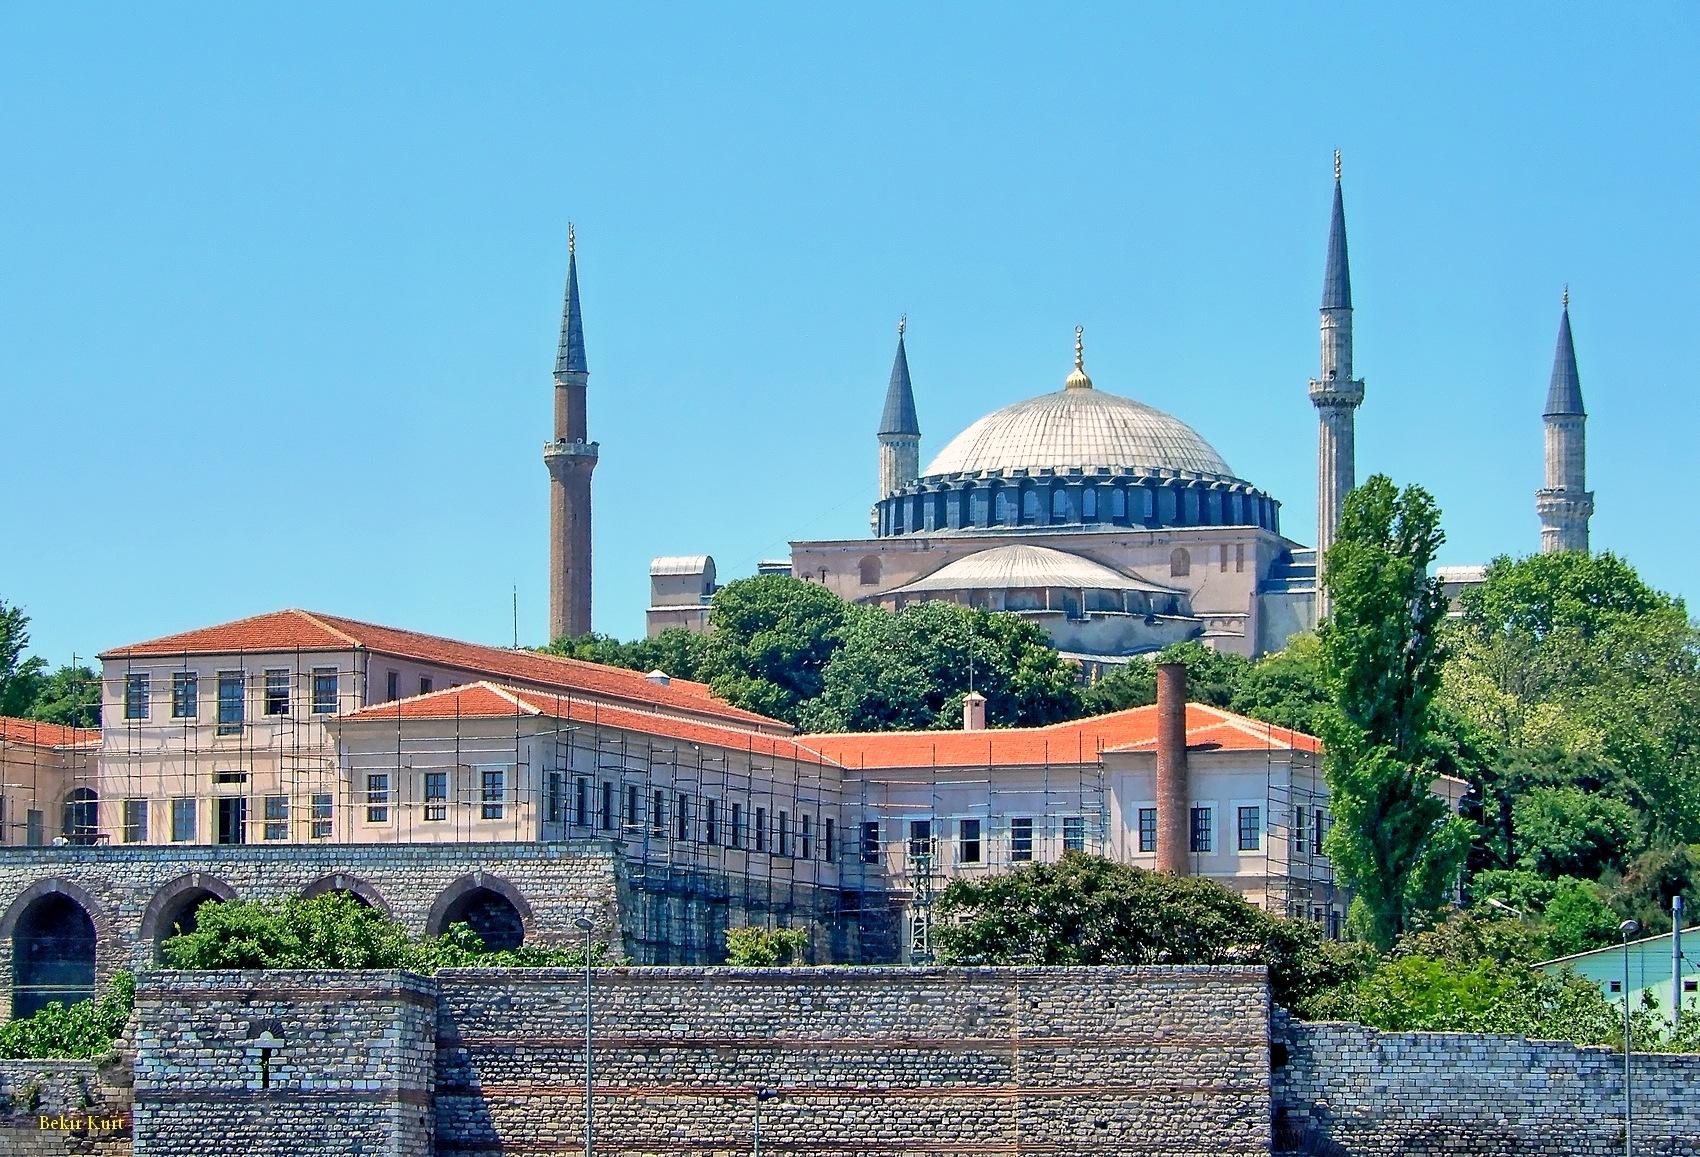 Hagia Sophia From Marmara Sea by Bekir Kurt